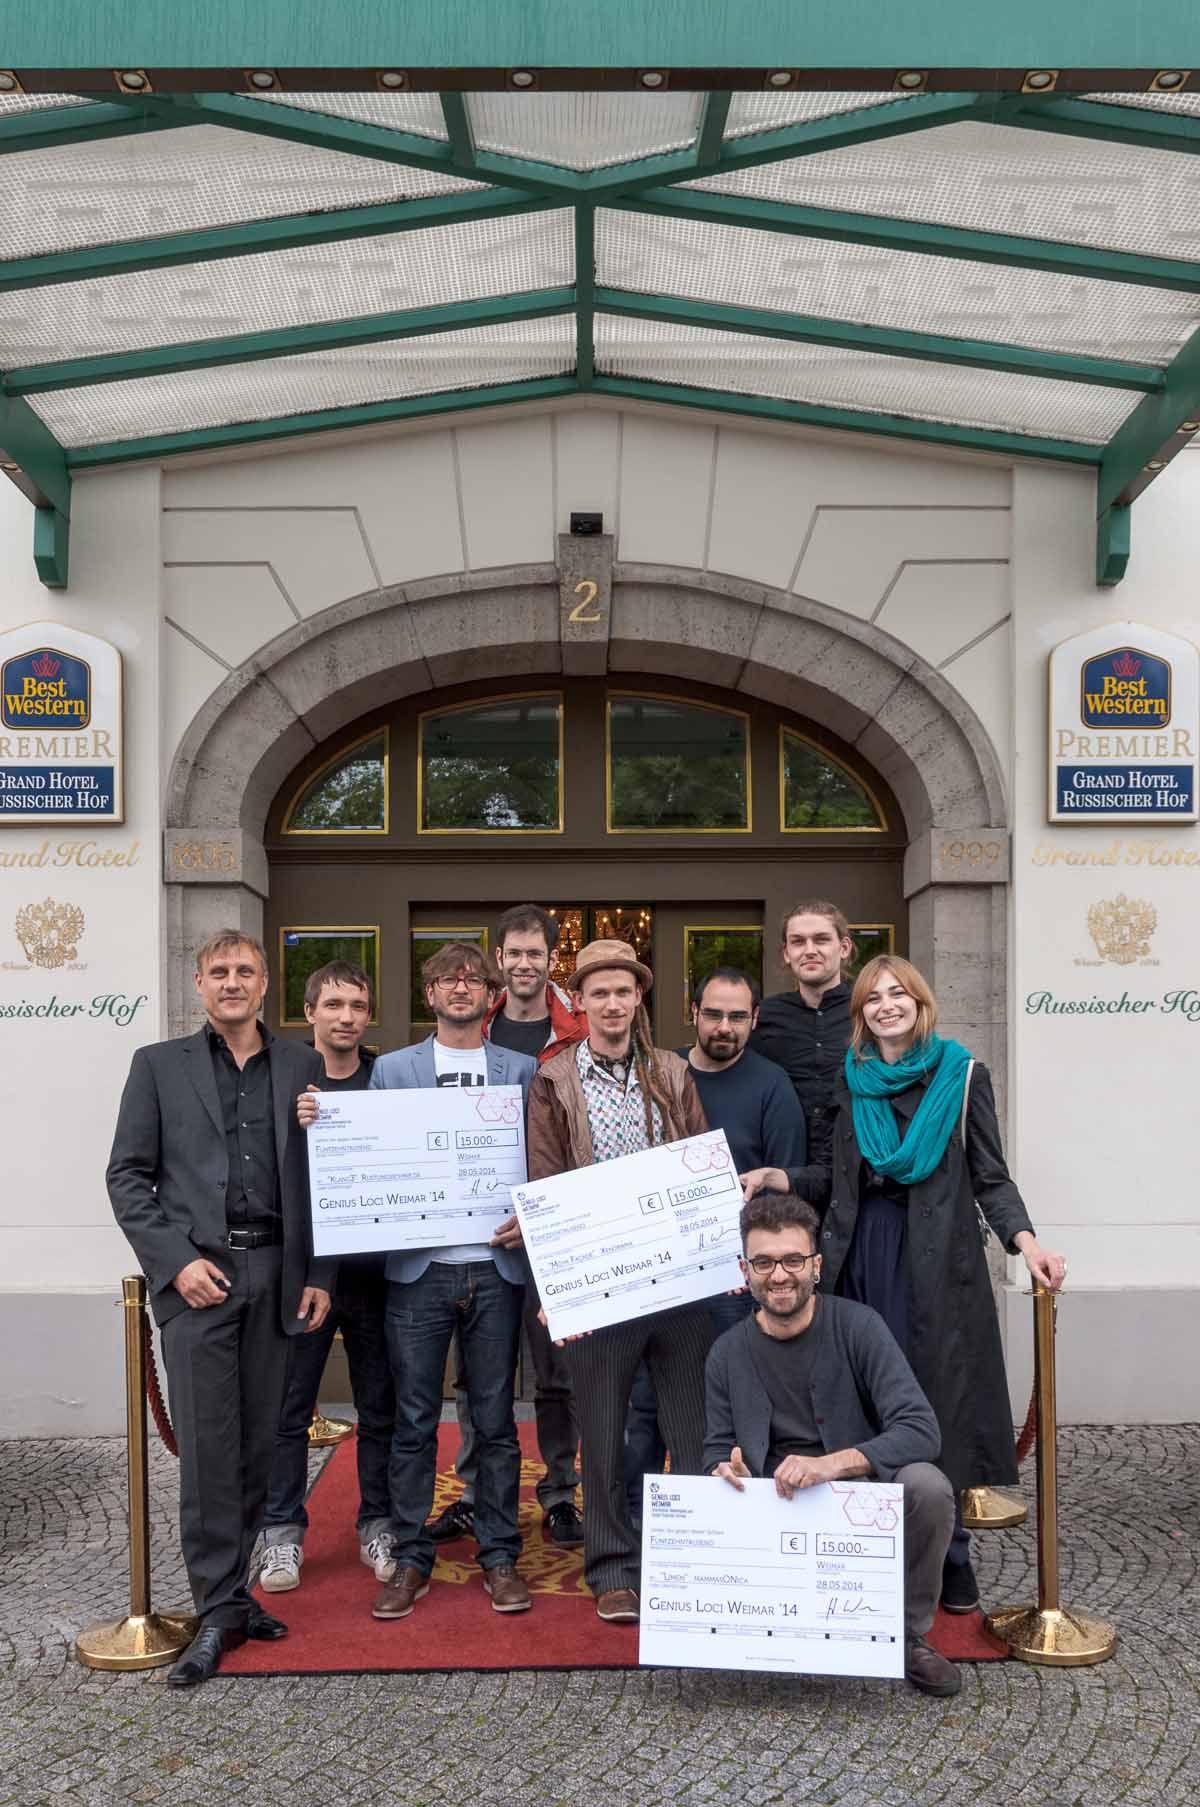 Gewinner Und Hendrik Wendler Vor Dem Best Western Premier Grand Hotel Russischer Hof In Weimar